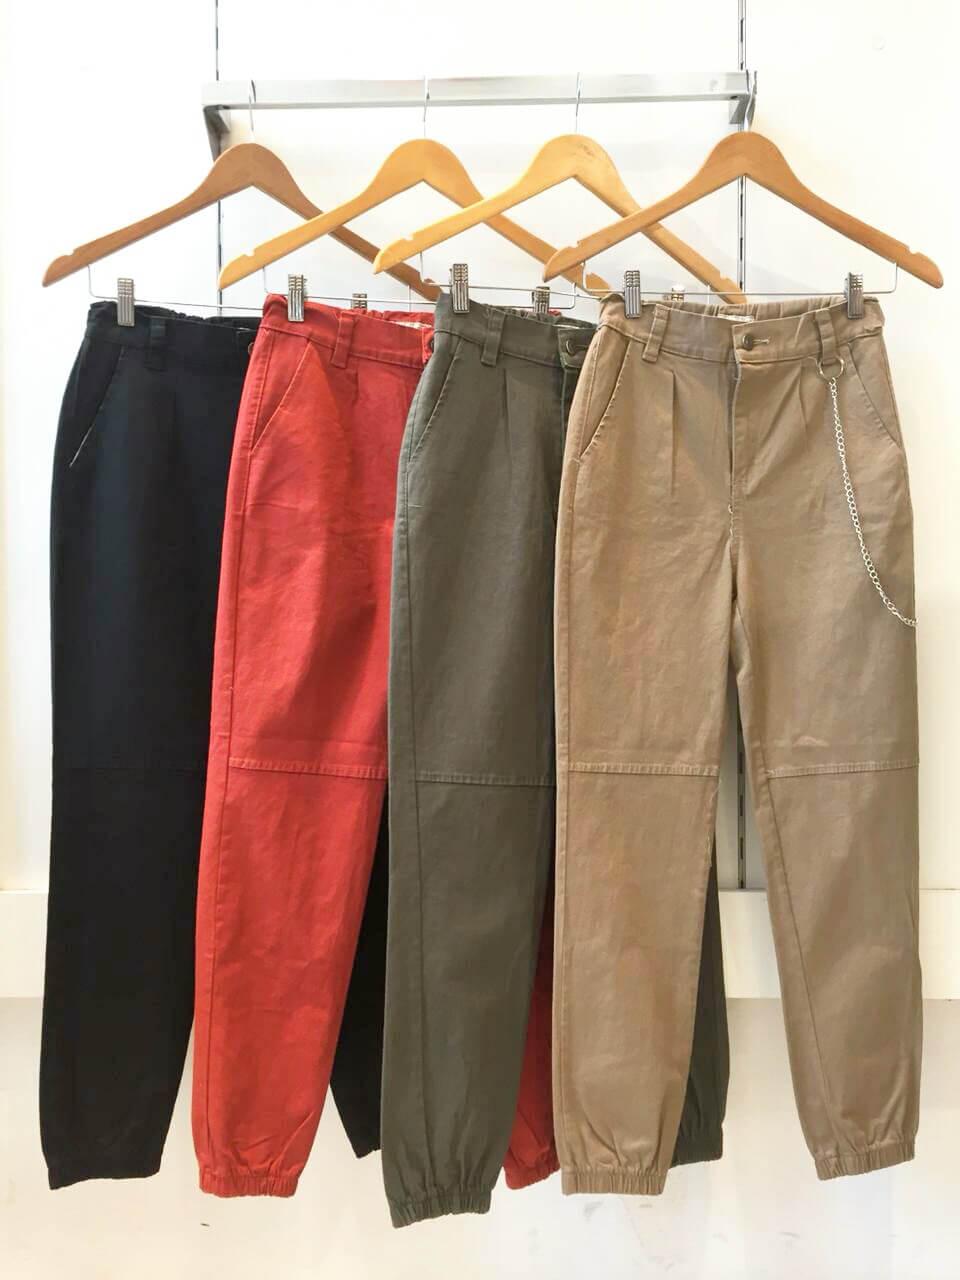 Pantalon Gab S Cadena Tipo Babucha Distrito Moda